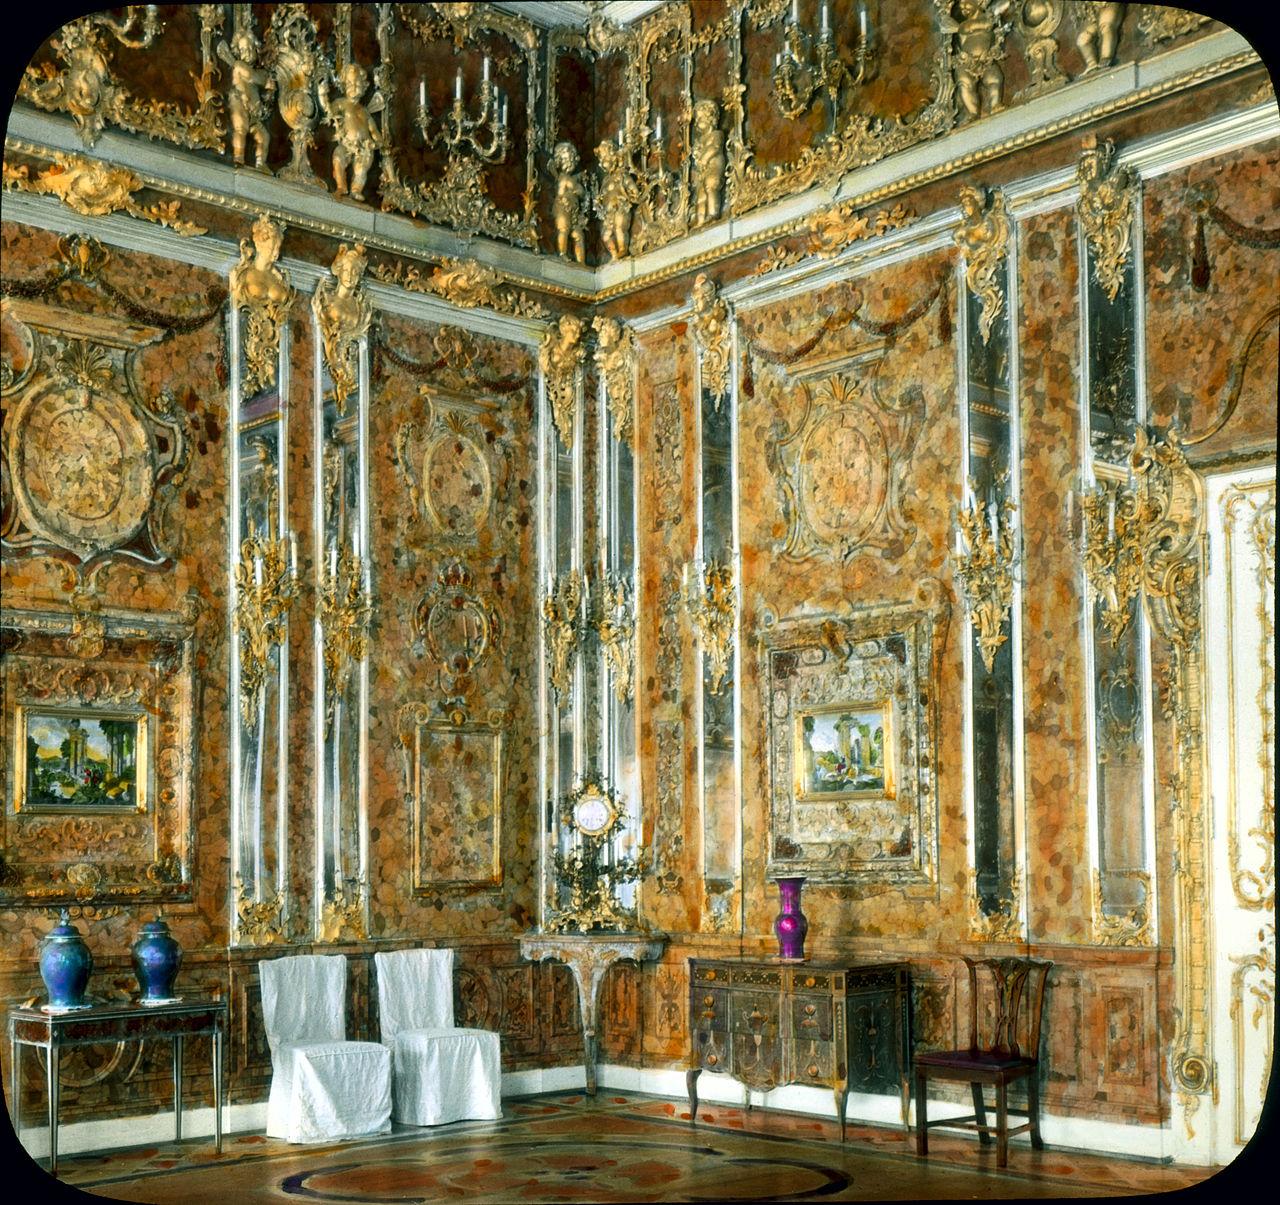 Το αυθεντικό Κεχριμπαρένιο Δωμάτιο όπως ήταν το 1931.